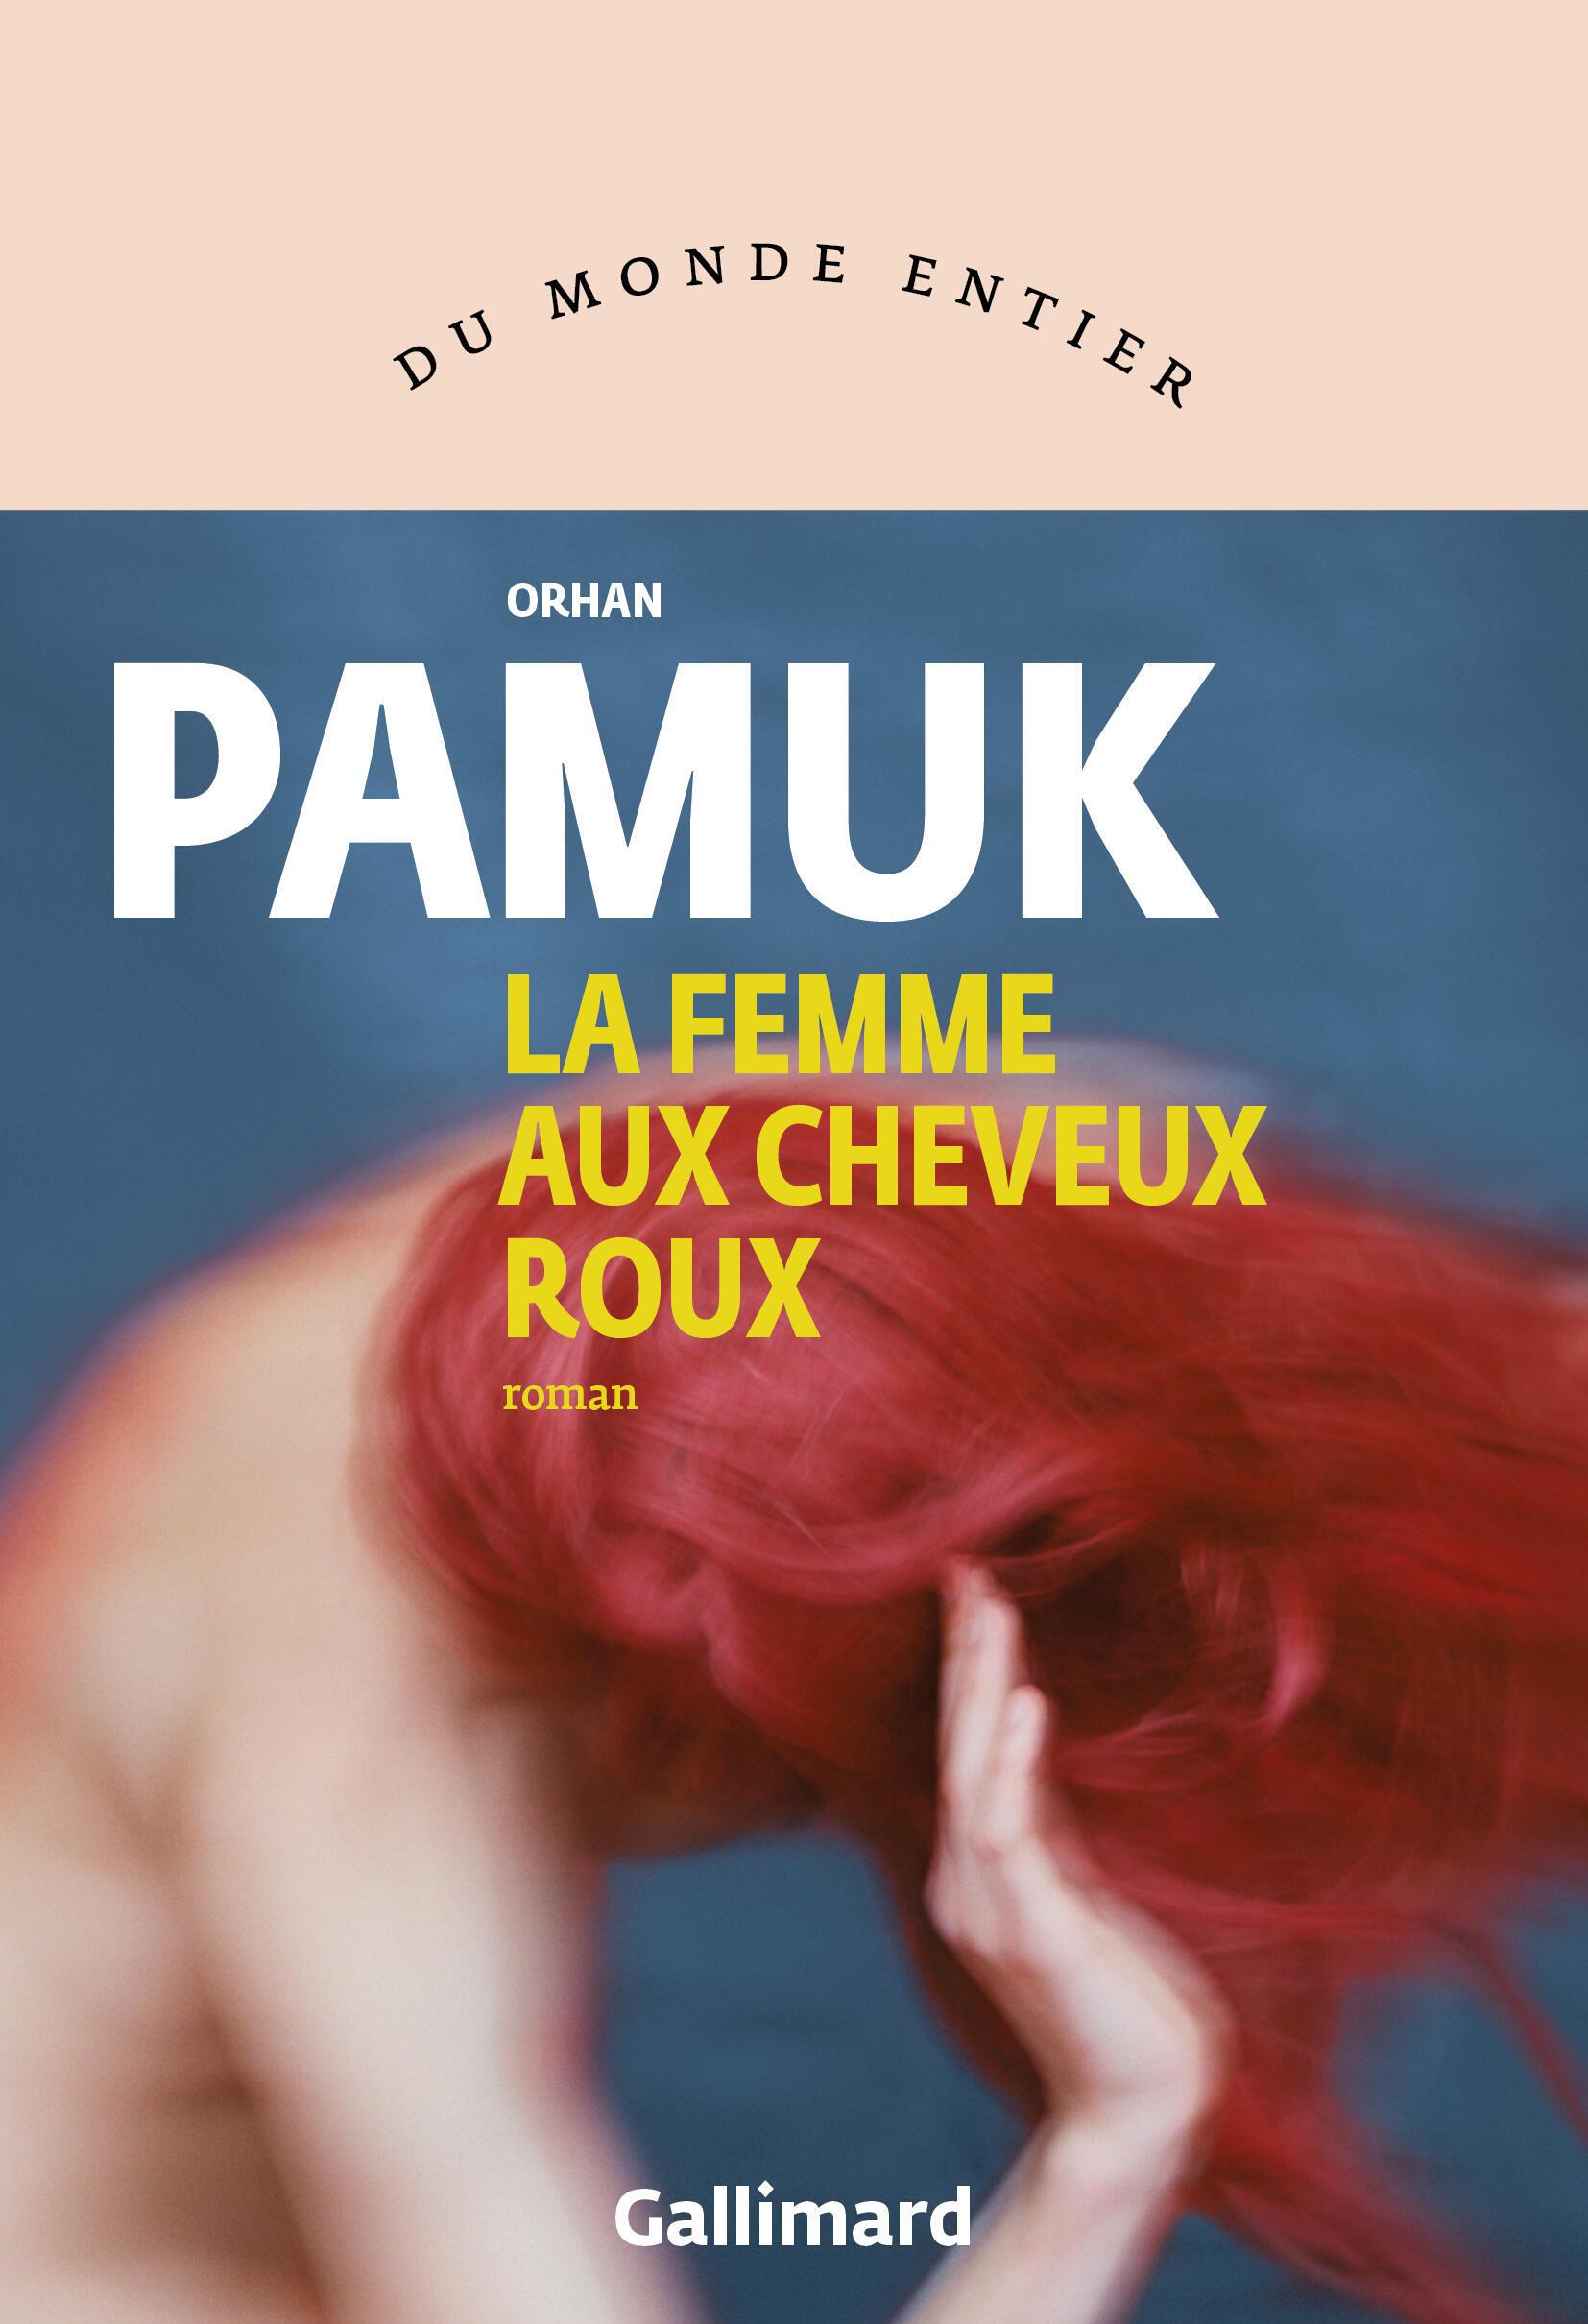 Couverture française du nouveau roman de l'écrivain turc